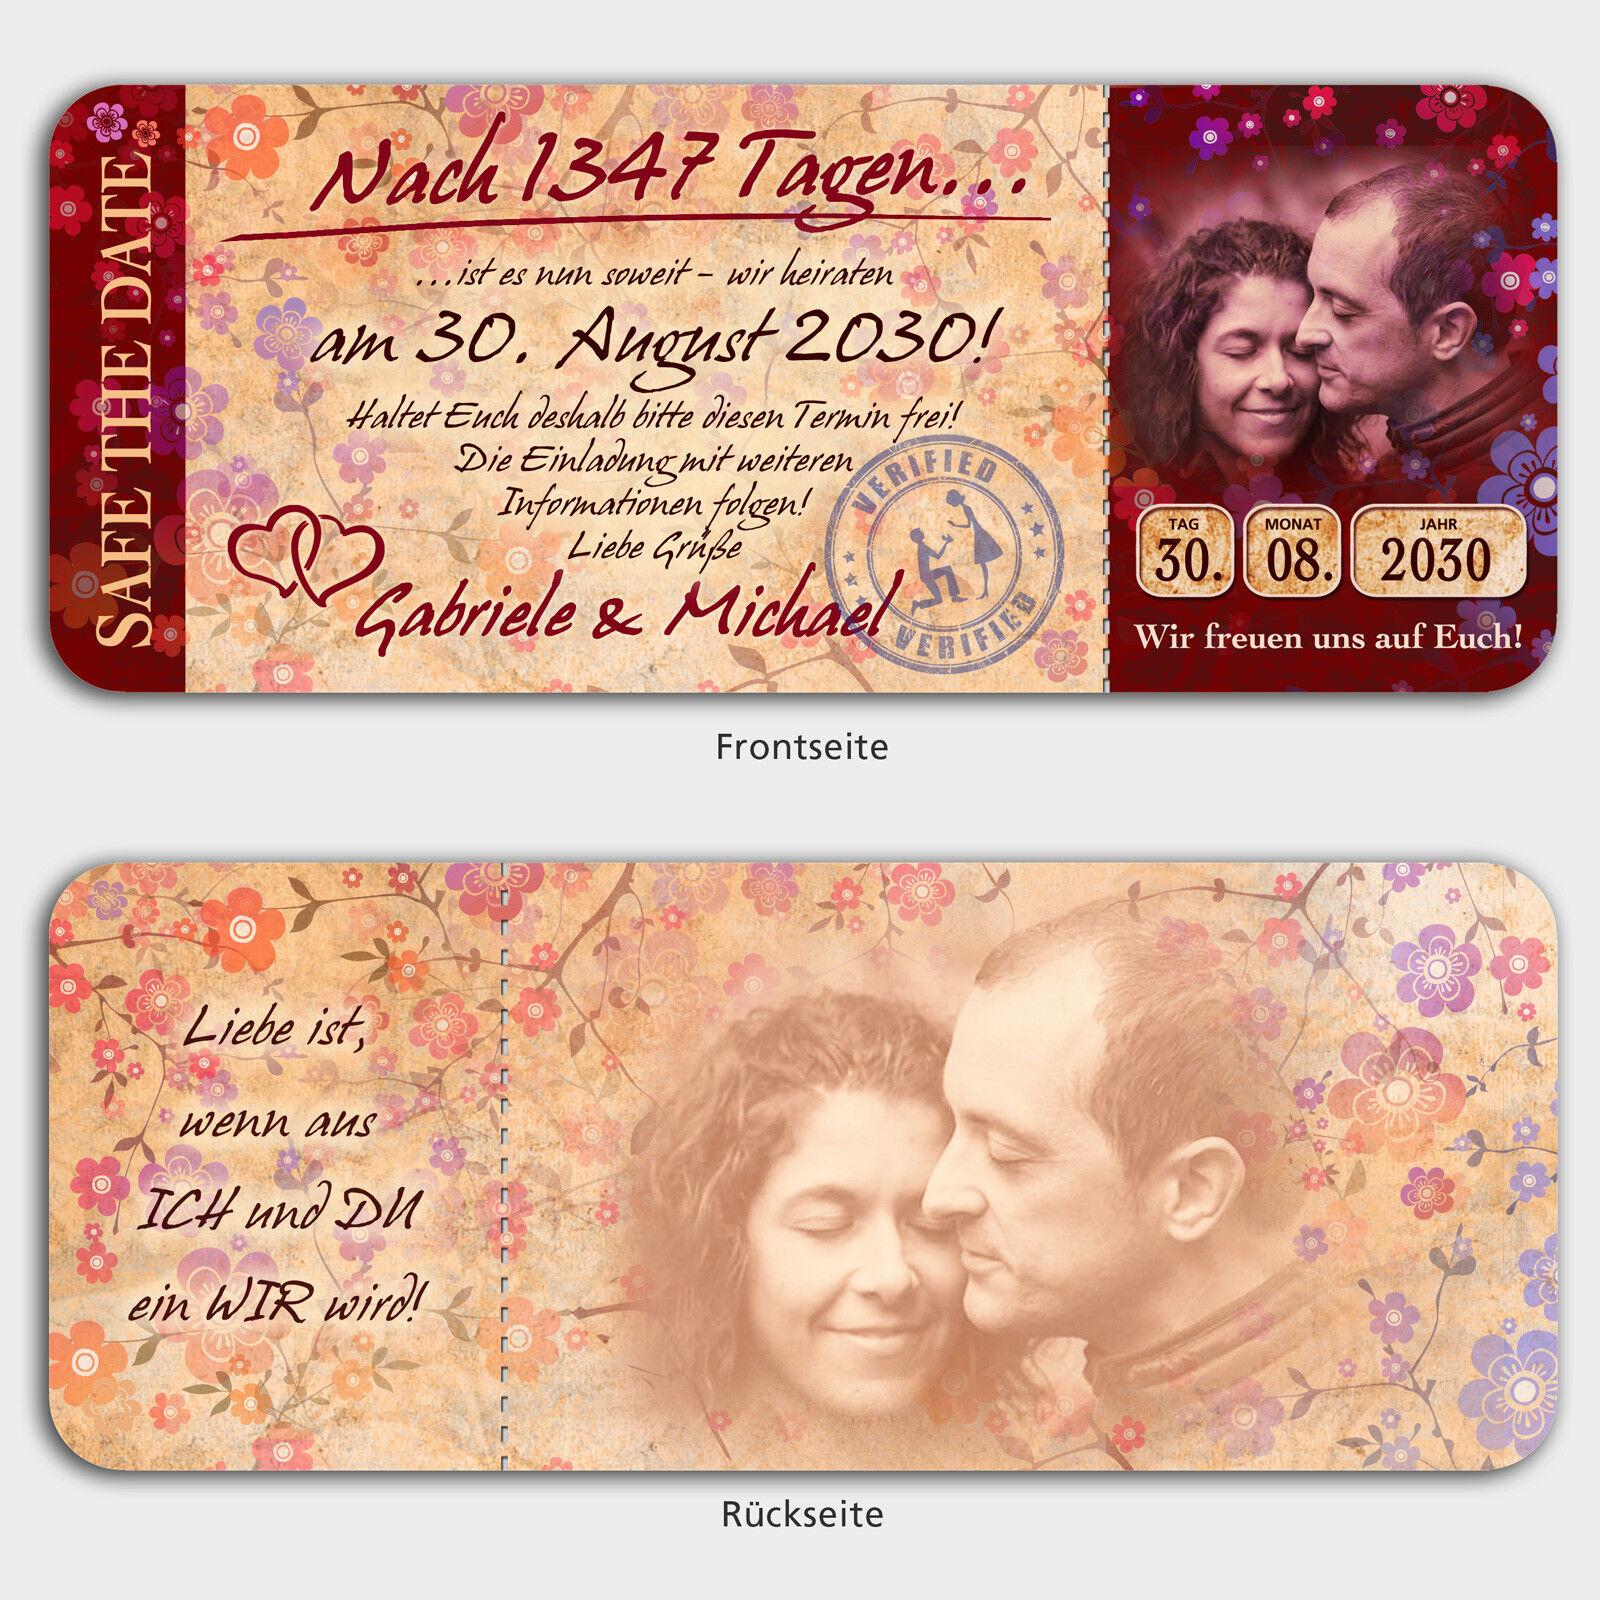 Save the Date Karten Hochzeit im Stiel einer Eintrittskarte, mit Bild     Erste Qualität    Elegantes und robustes Menü